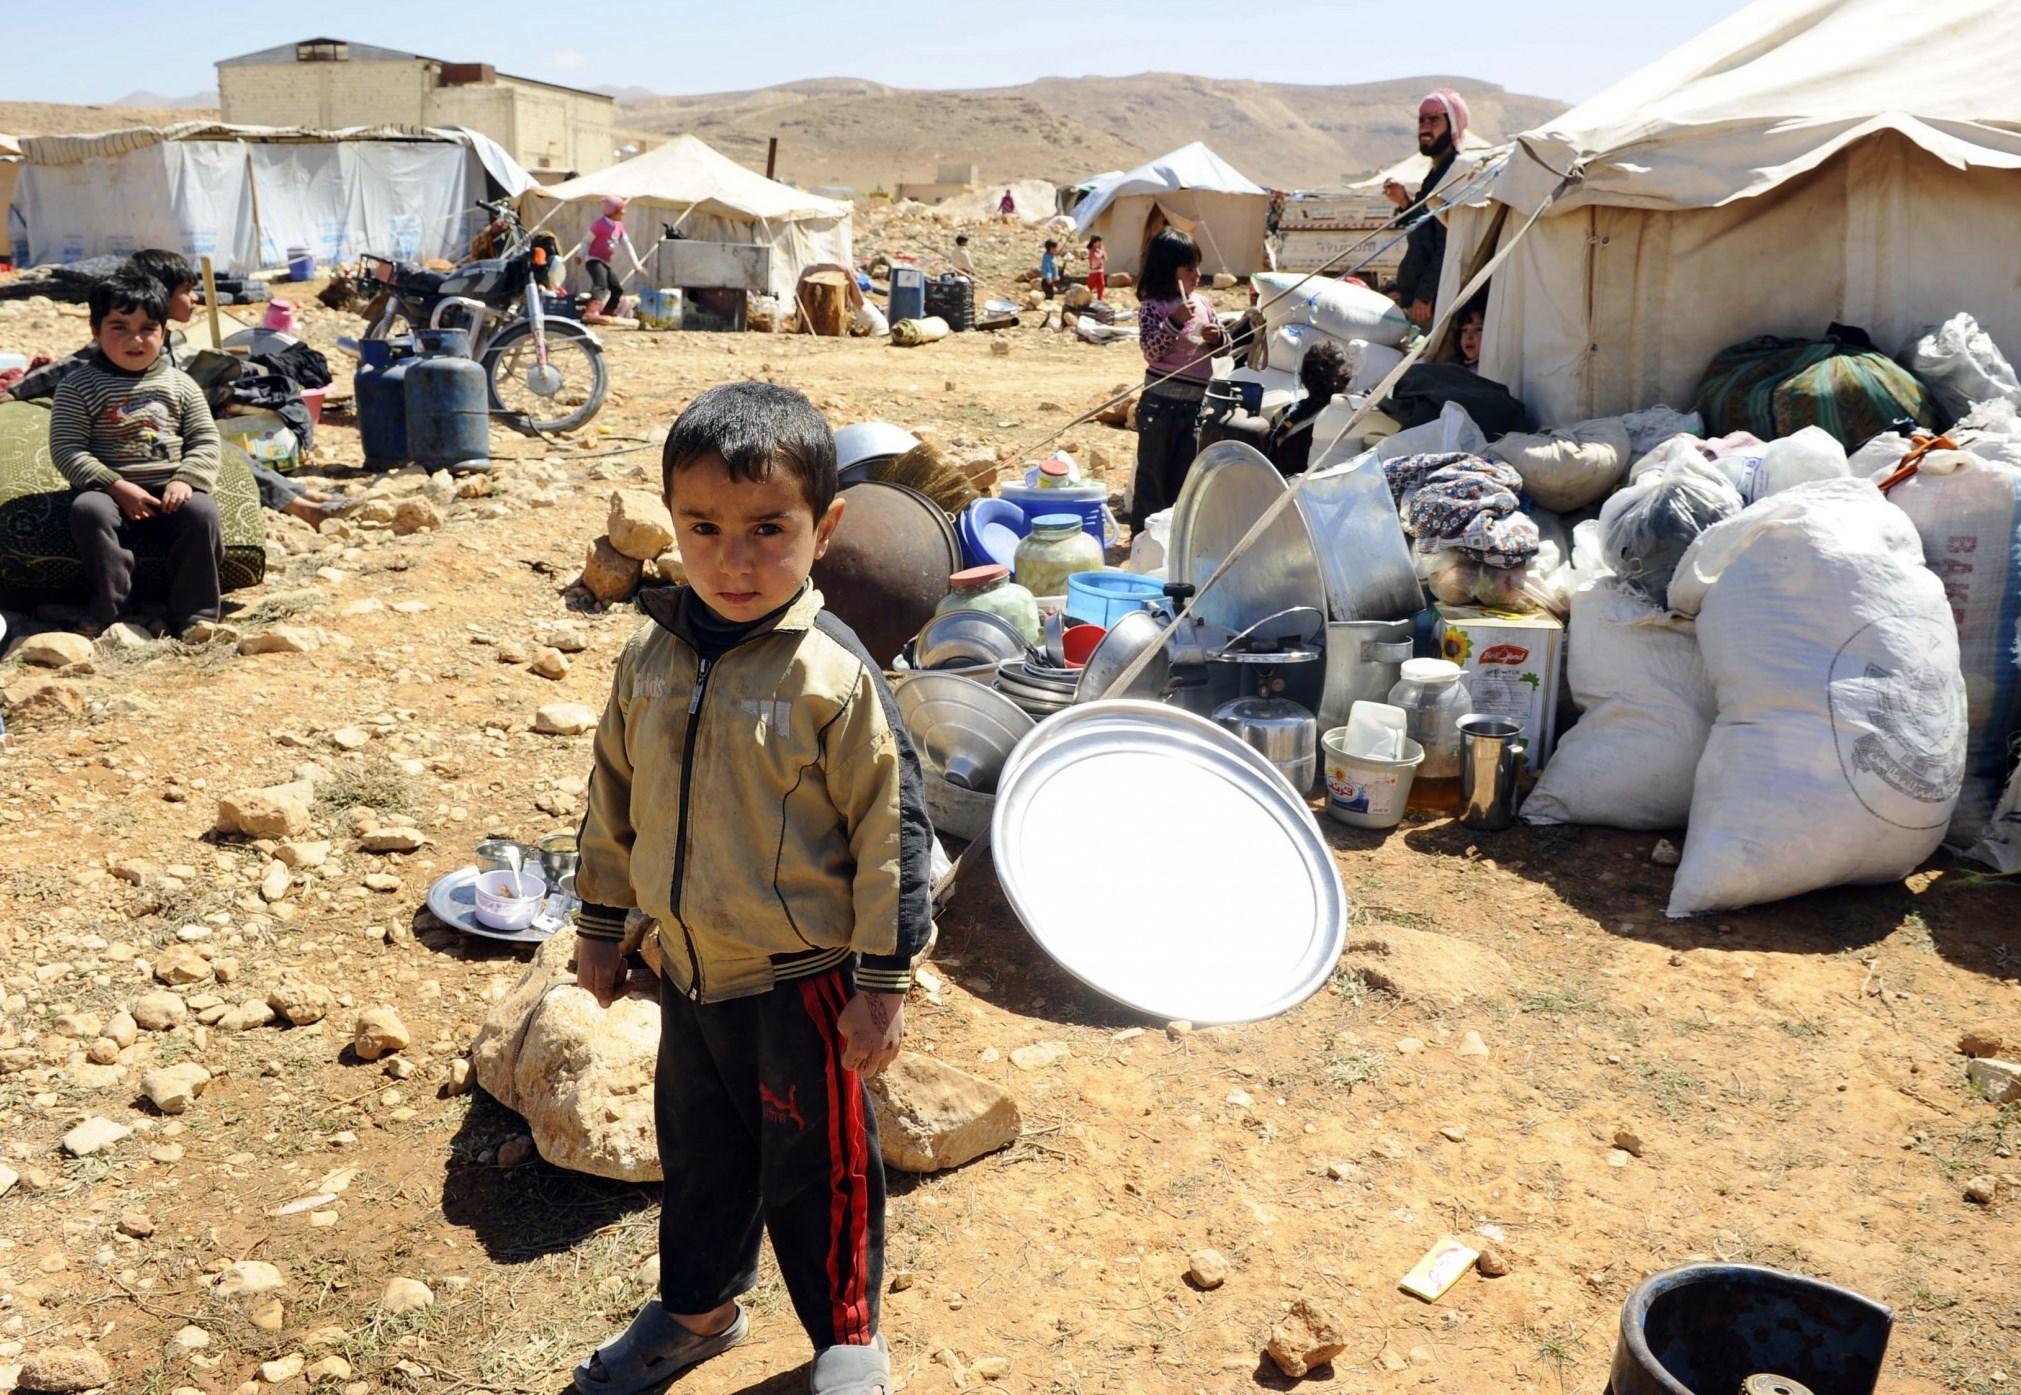 Casi 28 mil niños de 60 países atrapados en campamentos de desplazados en Siria